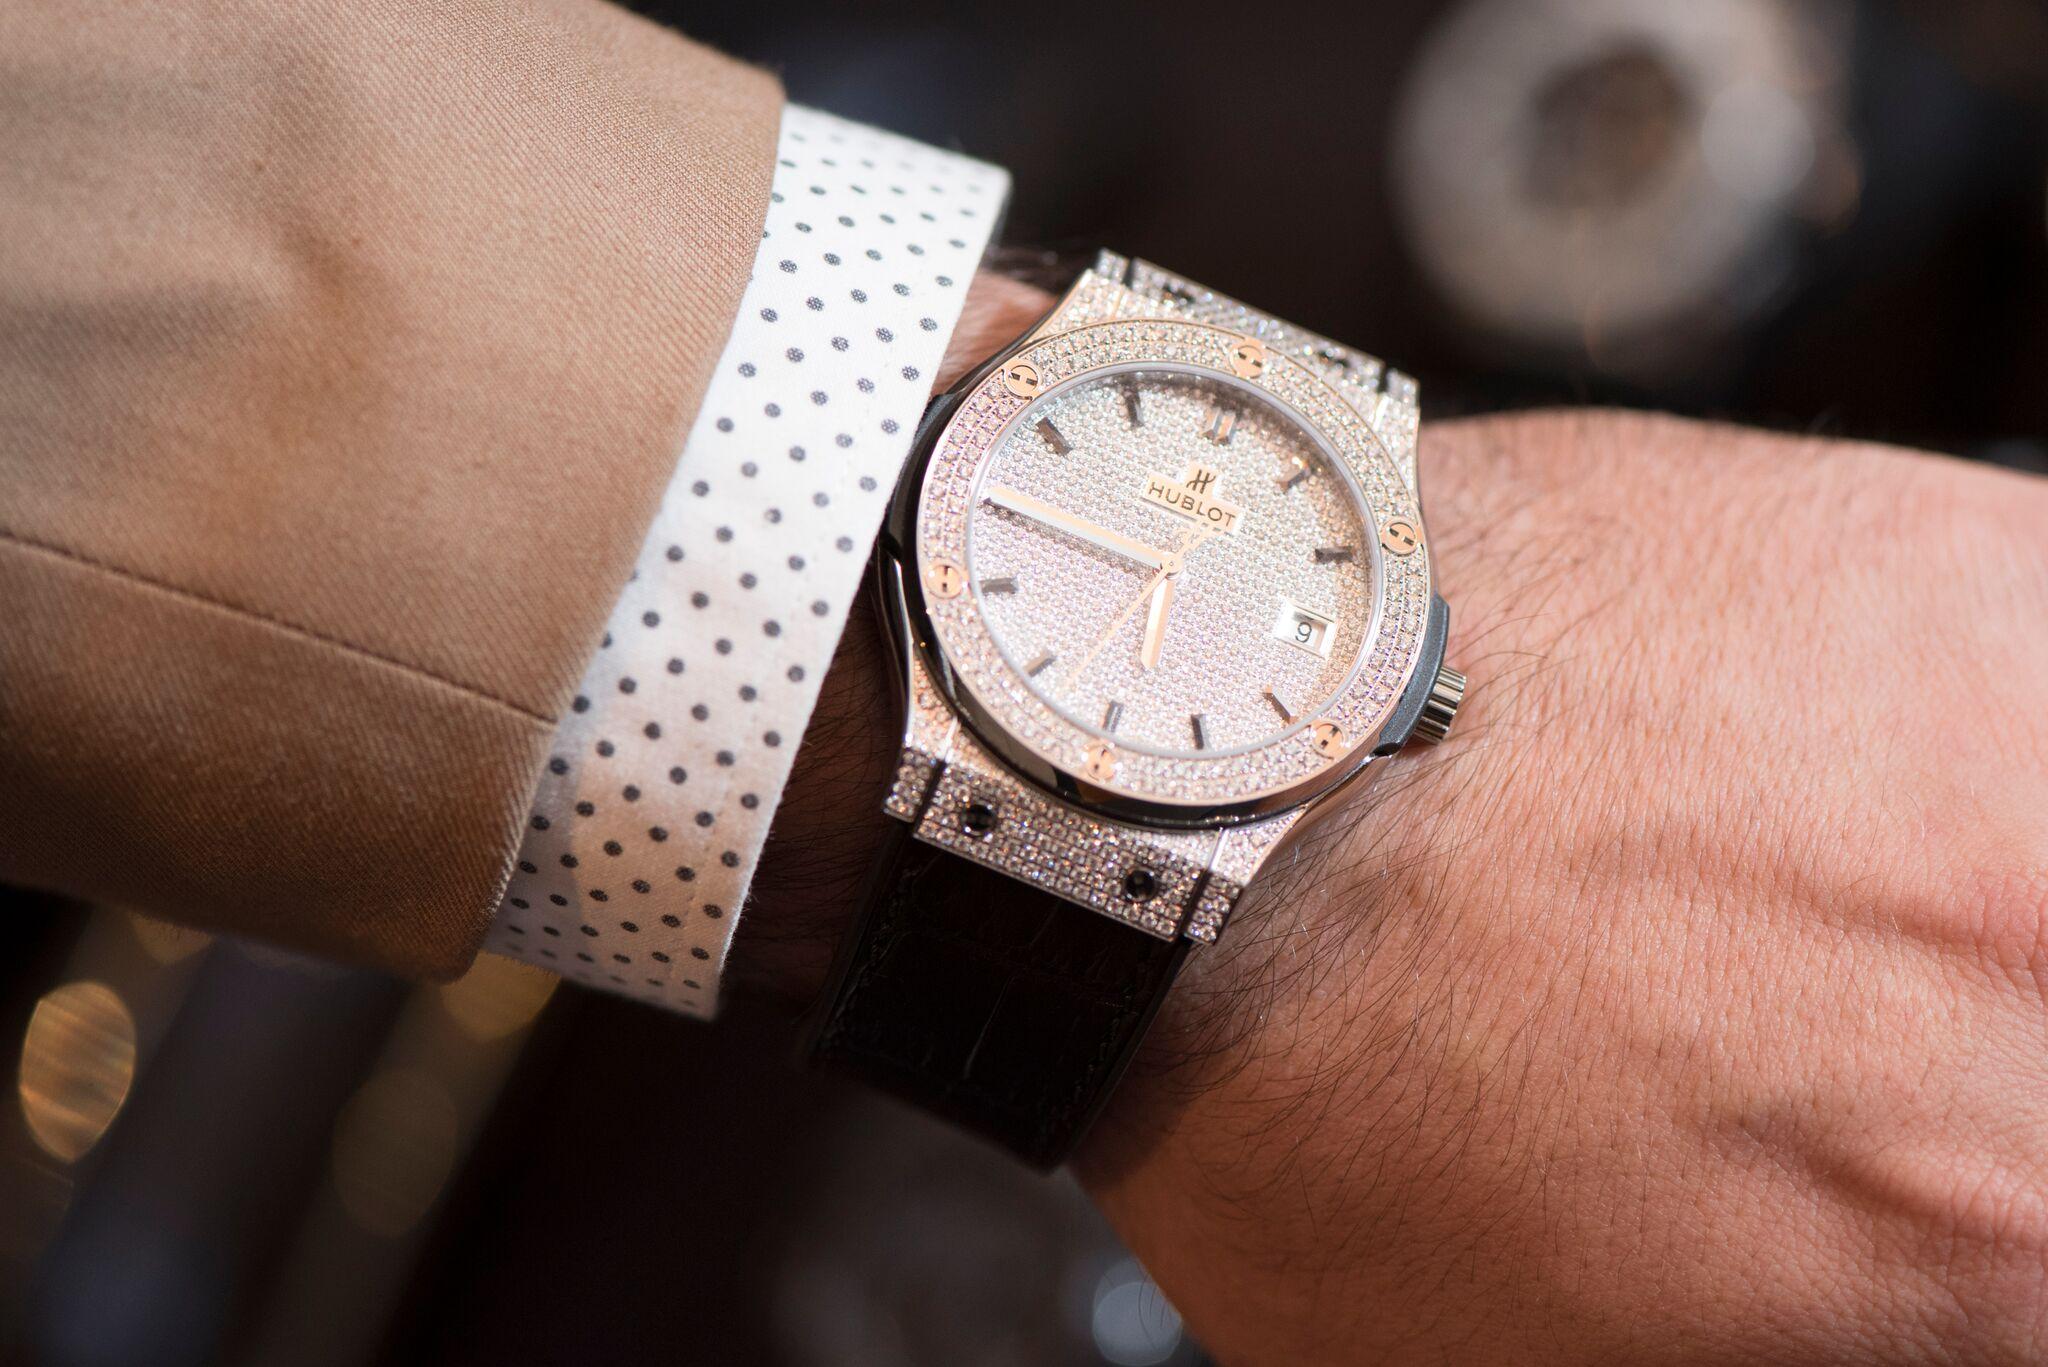 hublot-watches-chicago-43.jpg